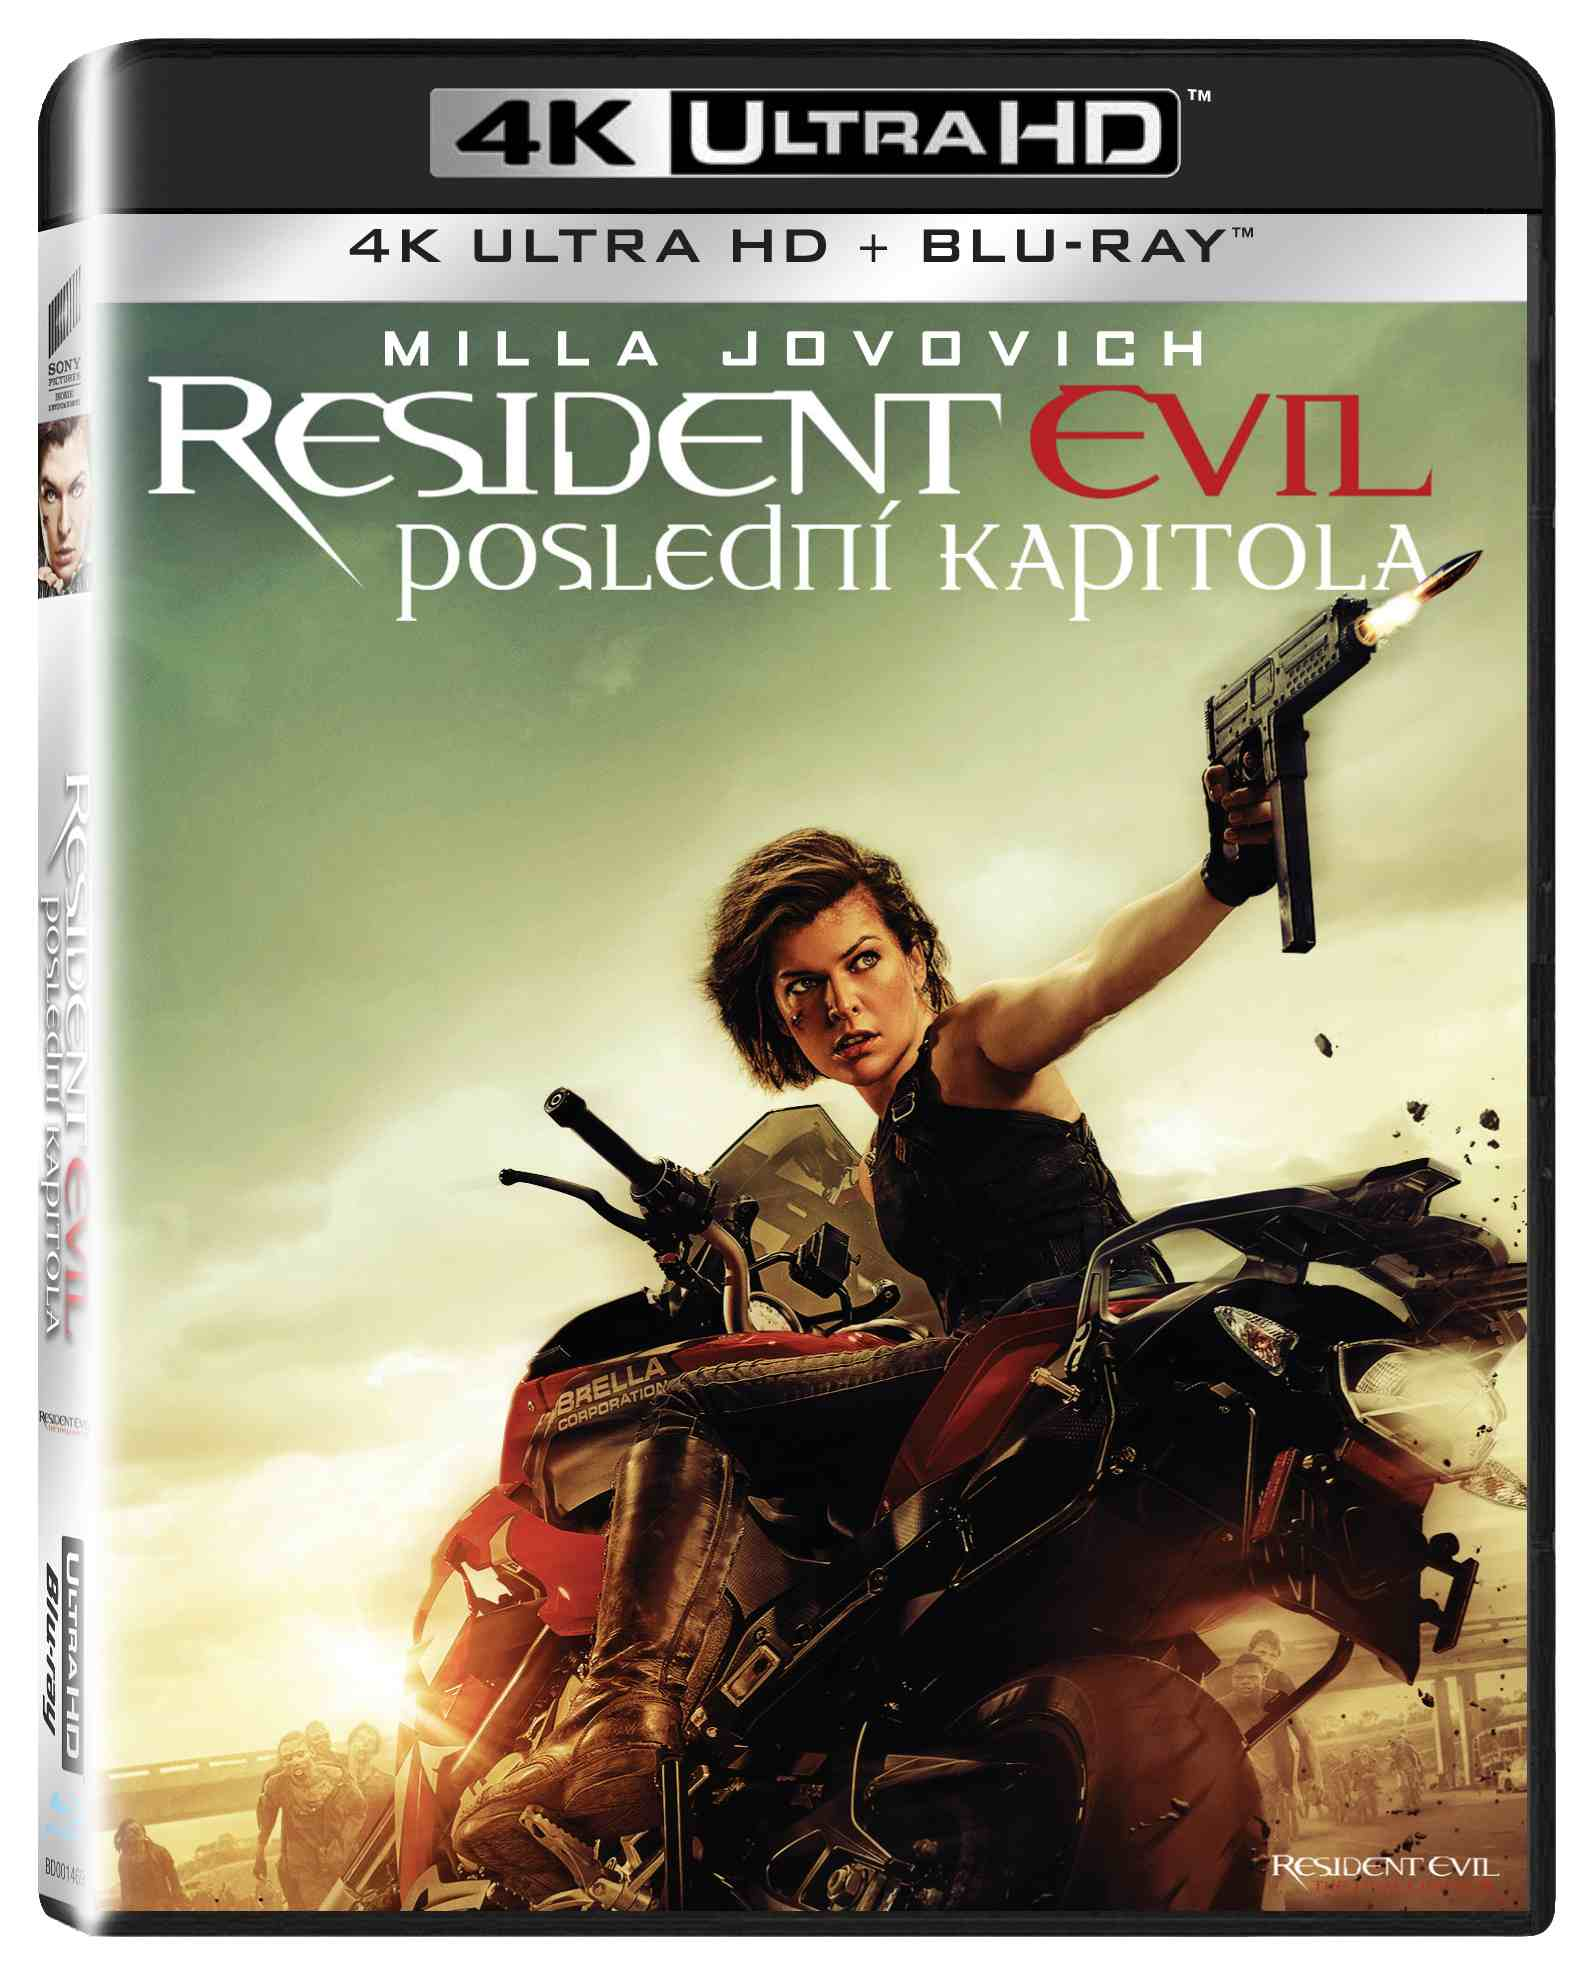 RESIDENT EVIL: POSLEDNÍ KAPITOLA (4K ULTRA HD) - UHD Blu-ray + Blu-ray (2 BD)